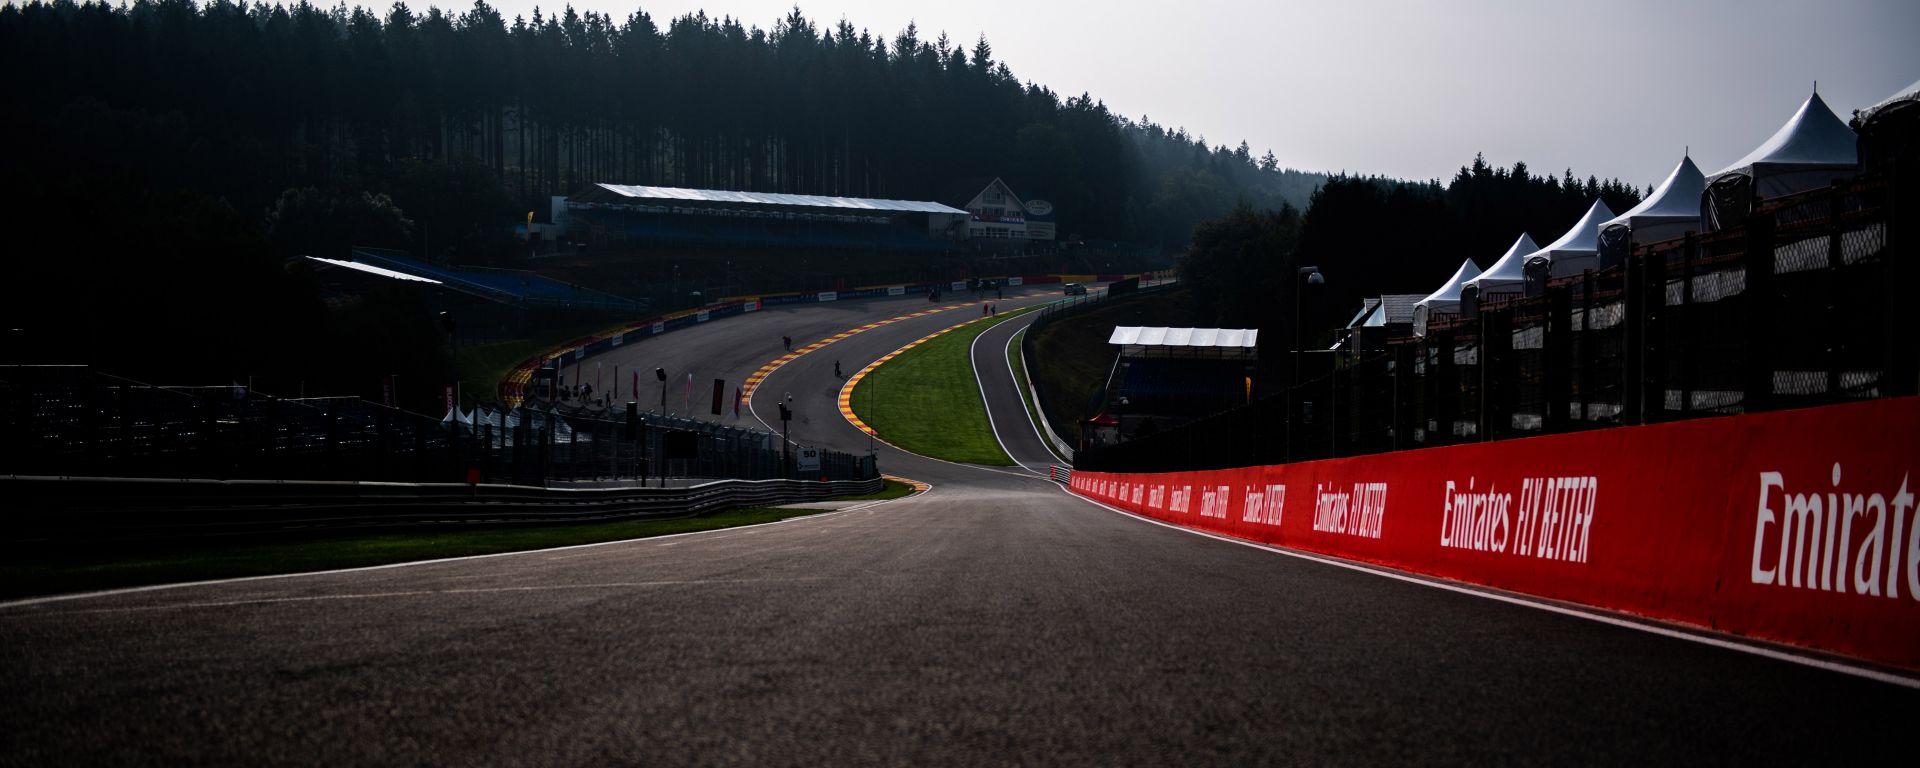 Il mitico tratto dell'Eau Rouge sul circuito di Spa-Francorchamps